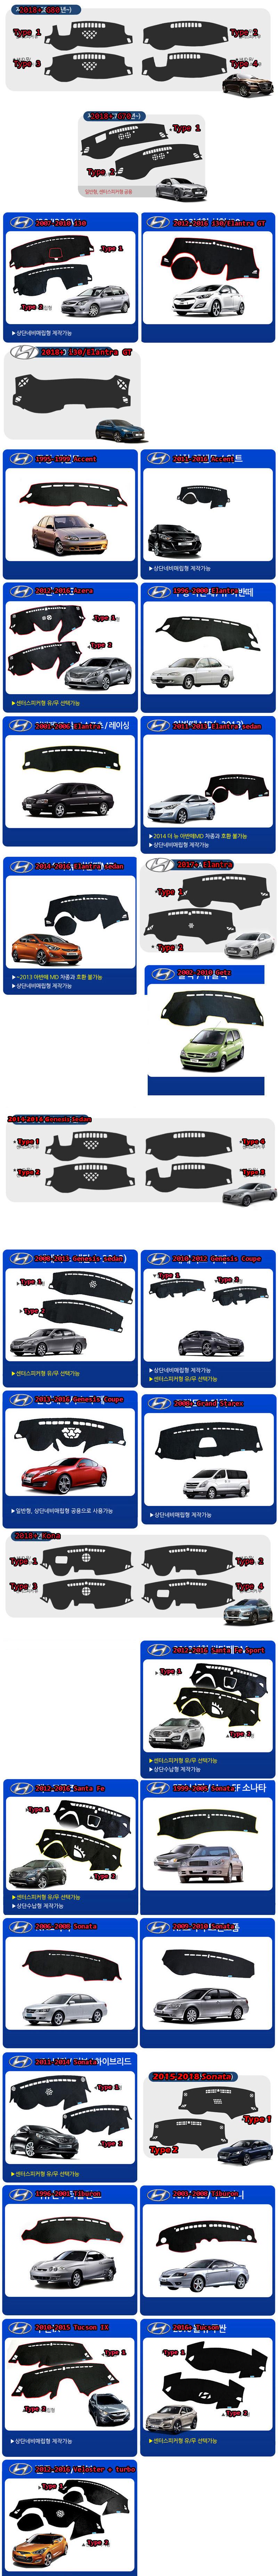 dashboard-hyundai5.jpg